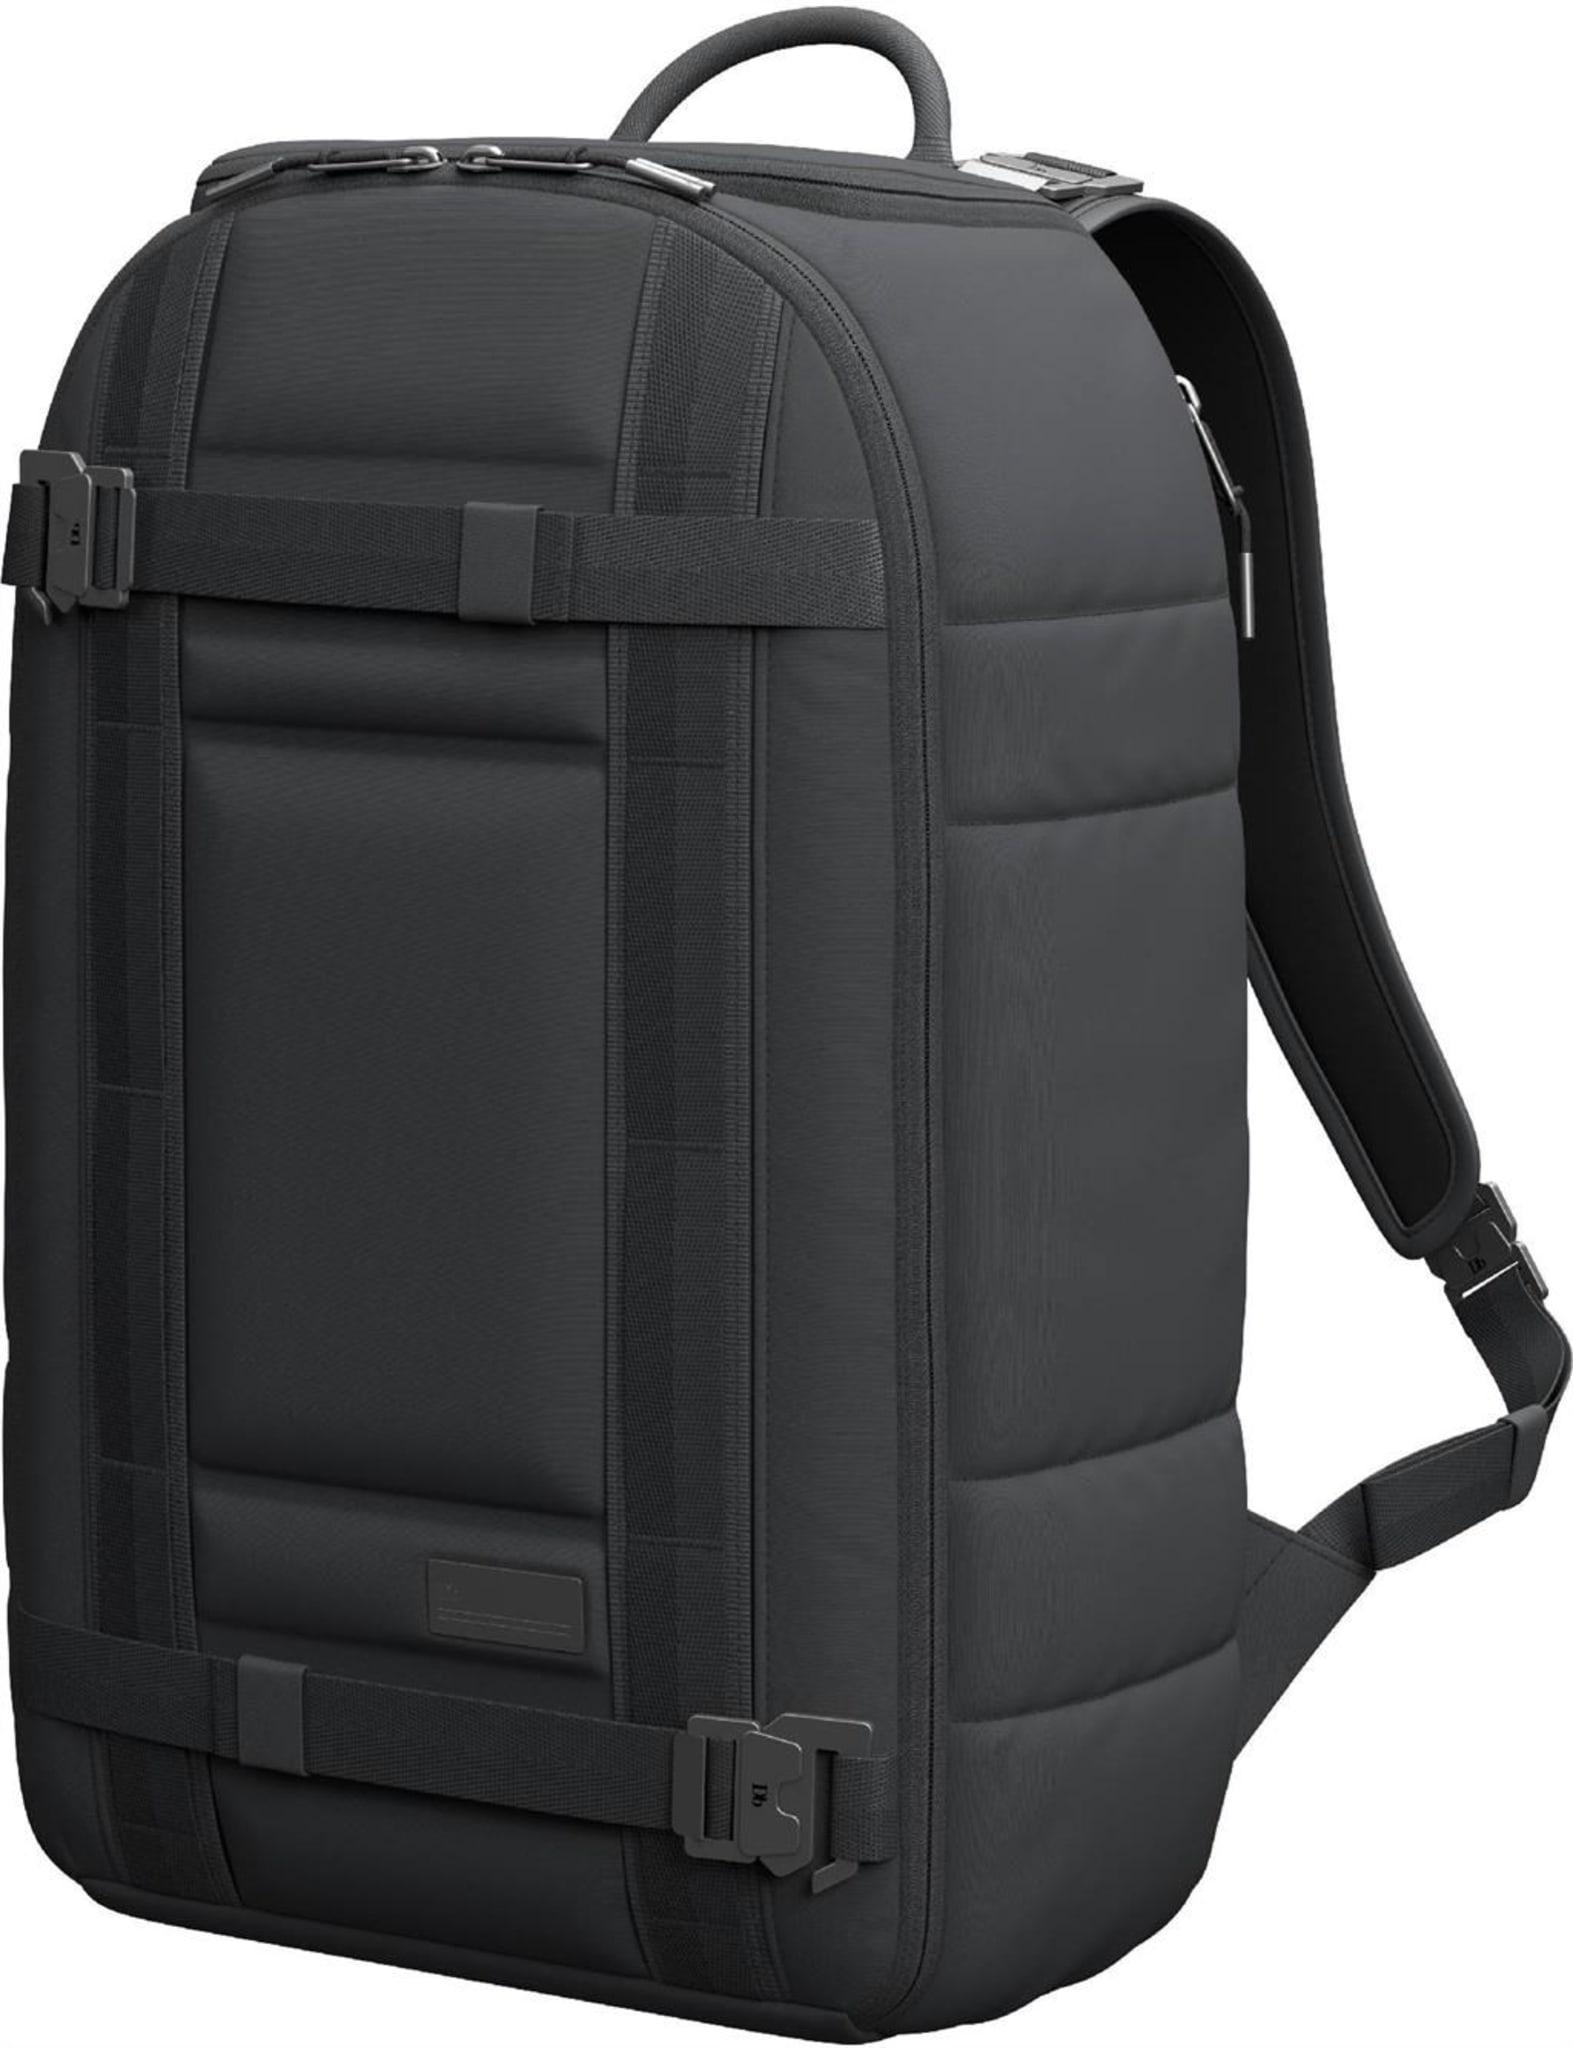 The Ramverk 26L Backpack